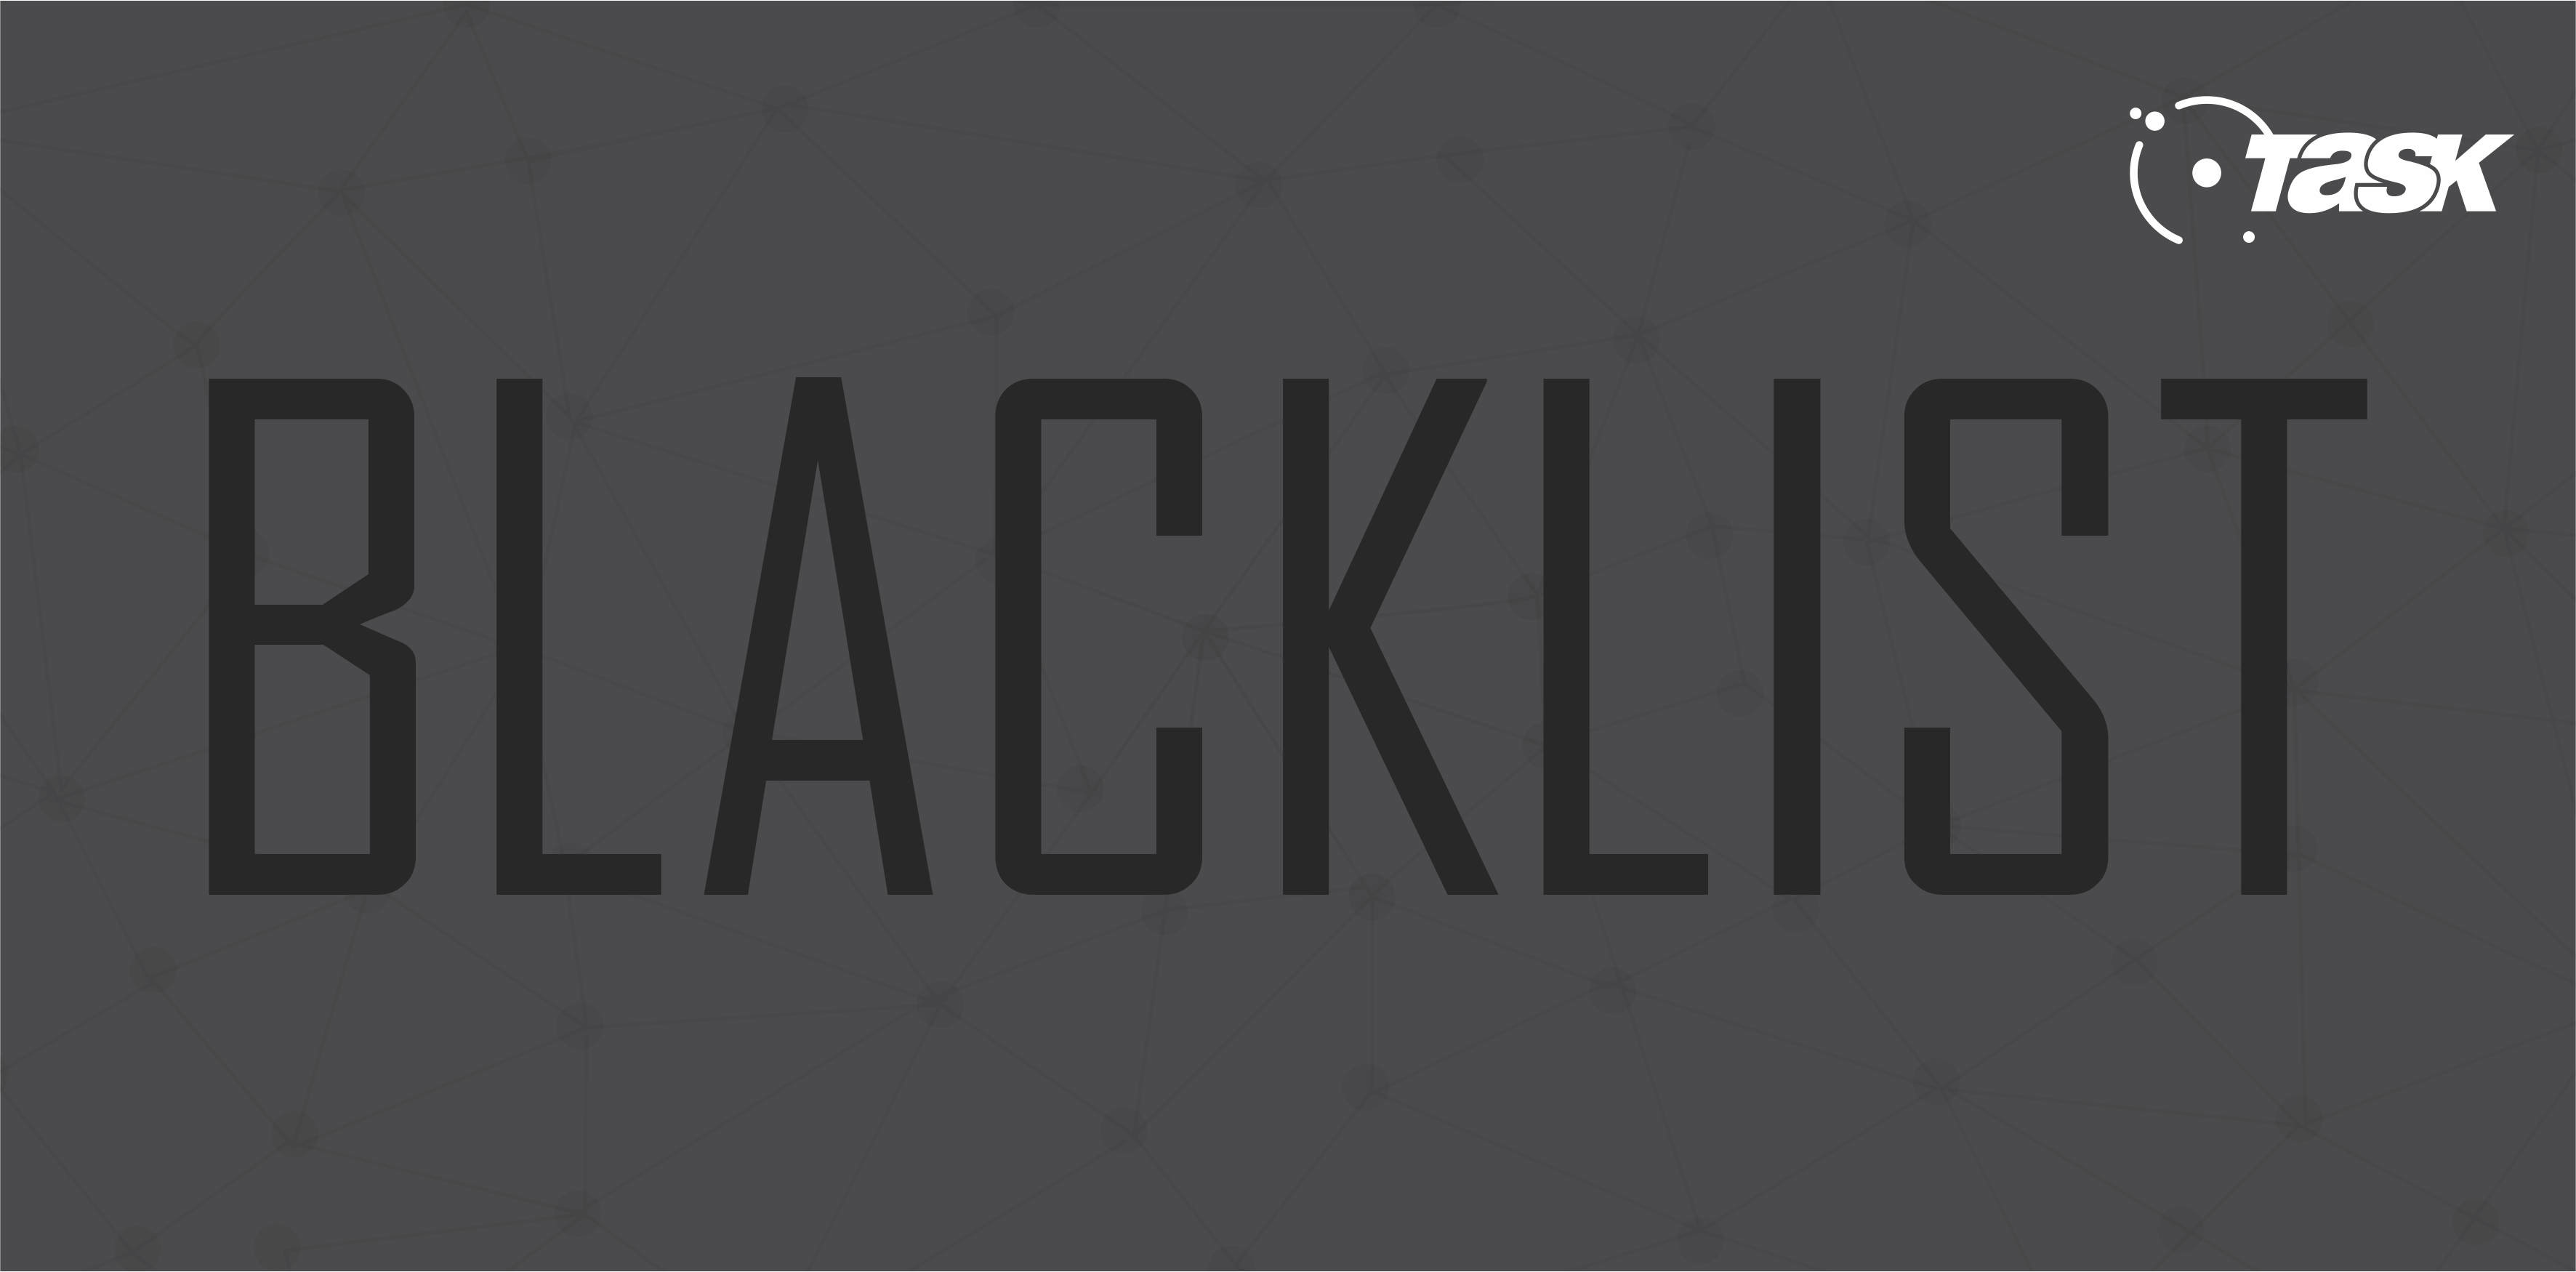 Blacklist - Saiba o que fazer se o seu servidor estiver listado em uma Blacklist